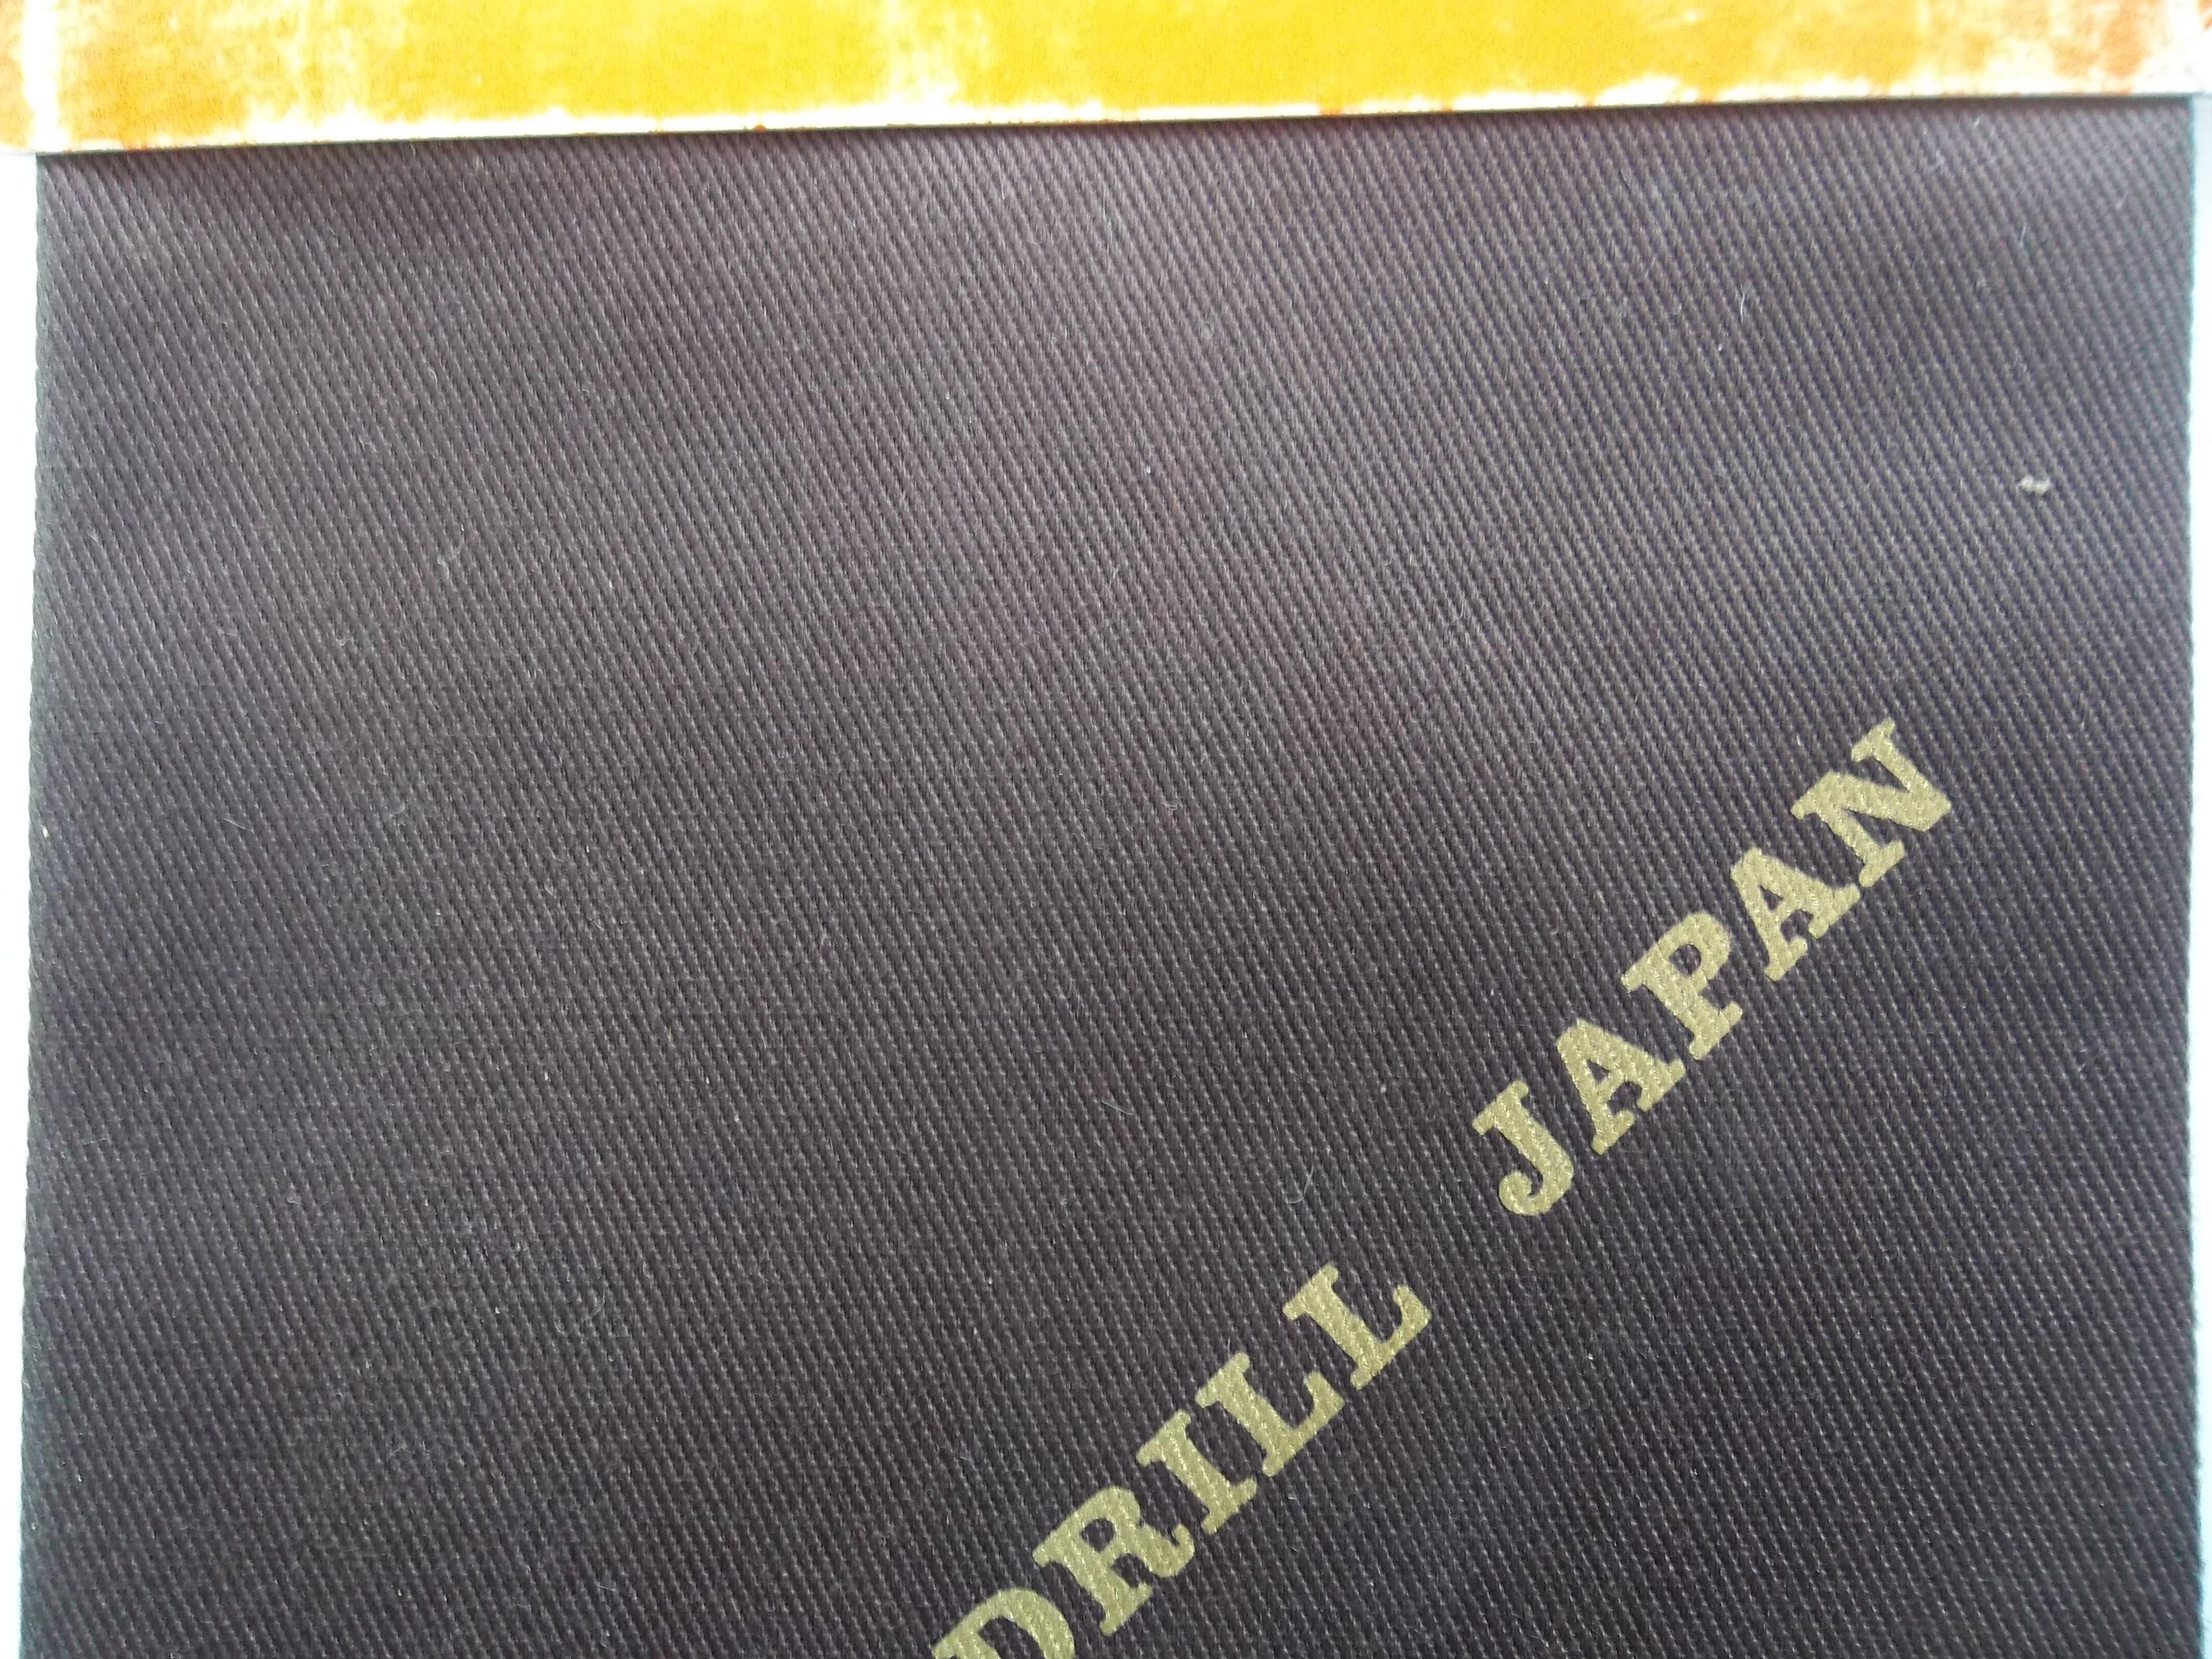 karakteristik bahan kain japan drill